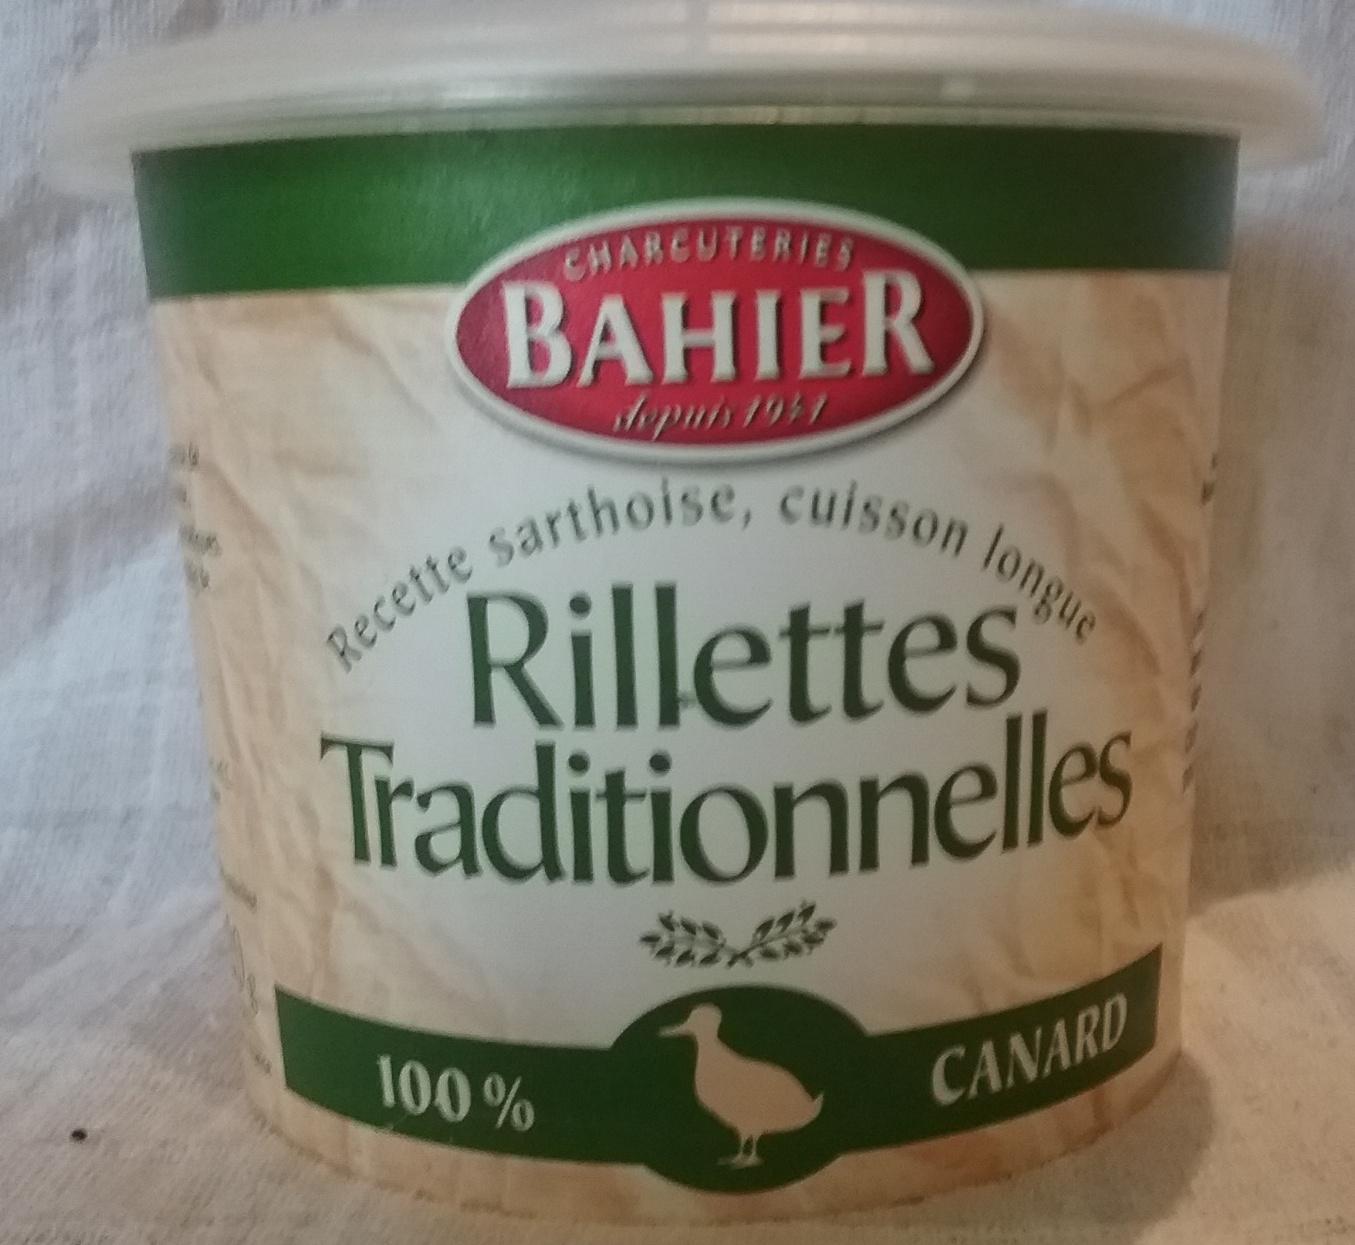 Rillettes Traditionnelles 100% canard - 220 g - Régis Bahier - Produit - fr